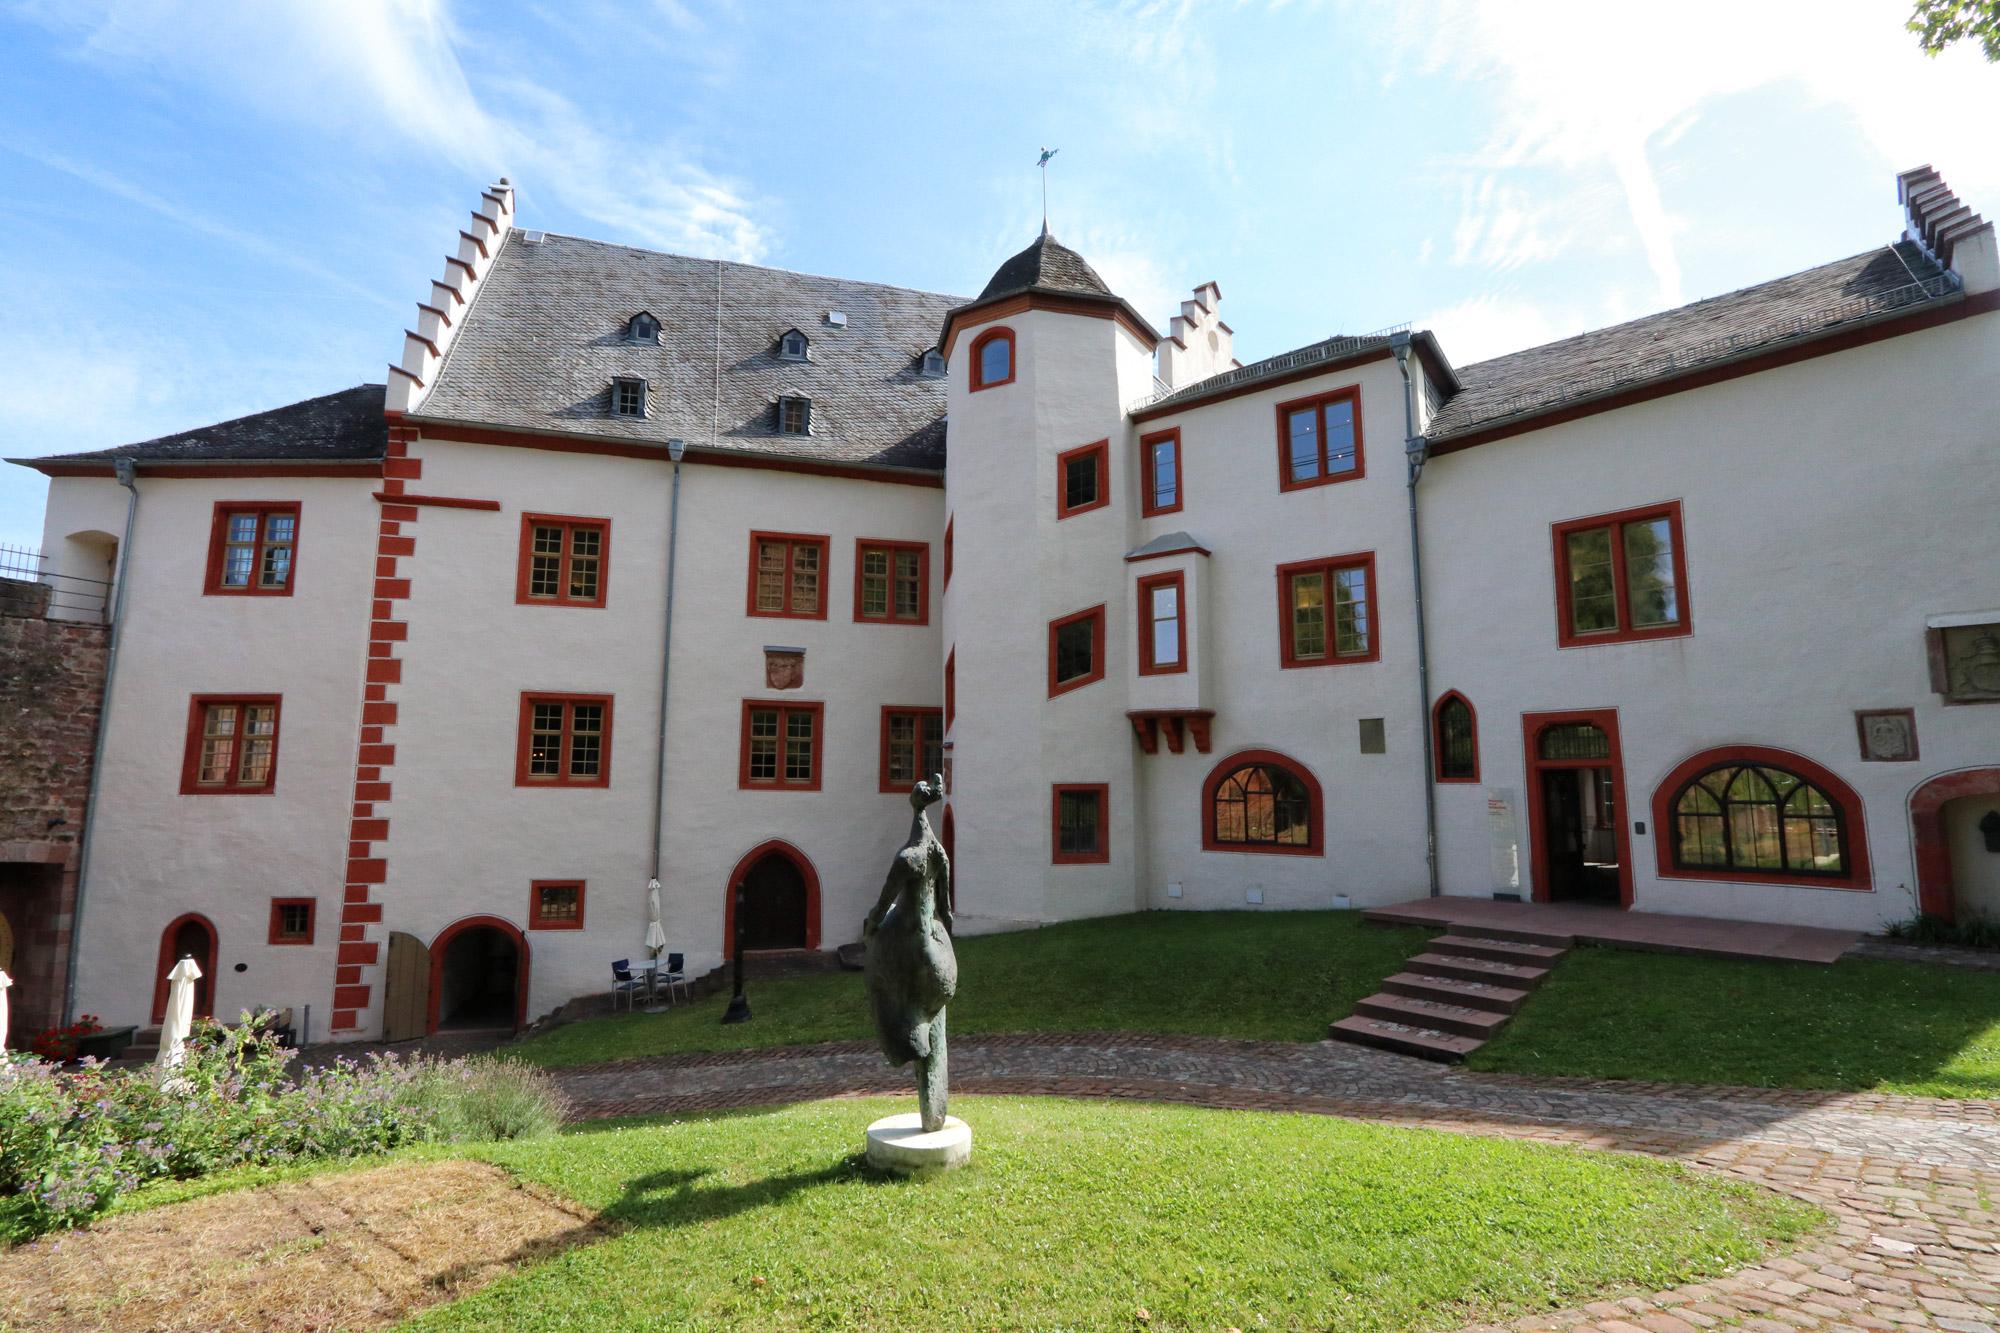 Churfranken - Burg Miltenberg